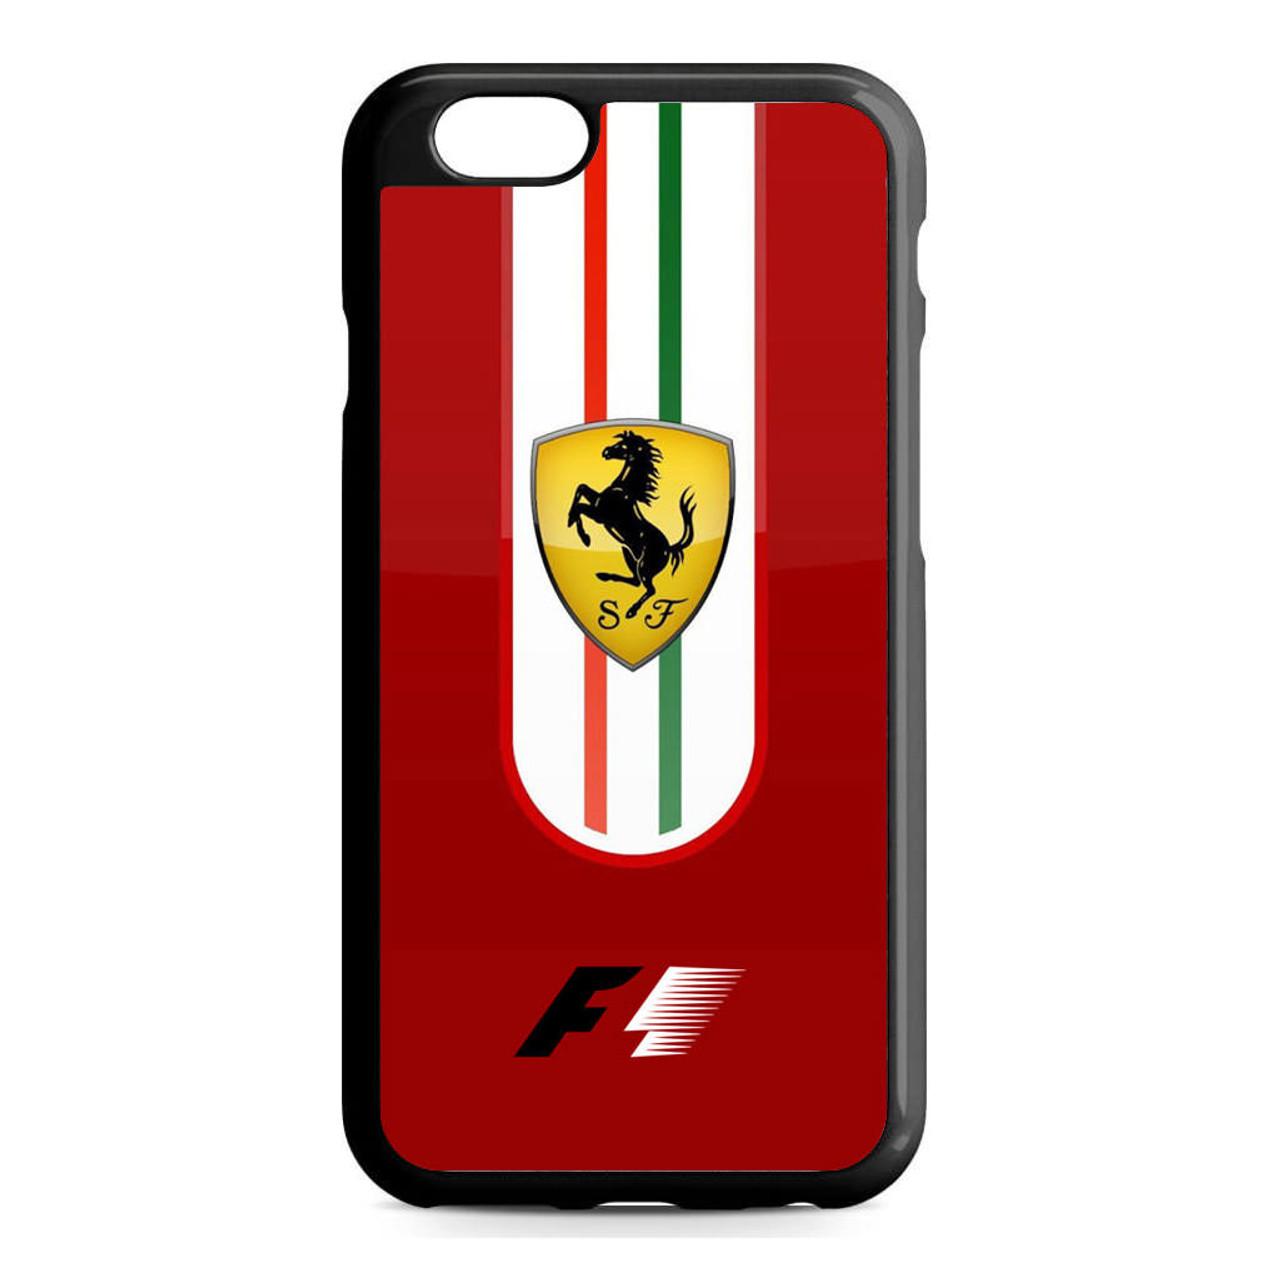 finest selection 5ddf3 da993 Ferrari Red F1 iPhone 6/6S Case